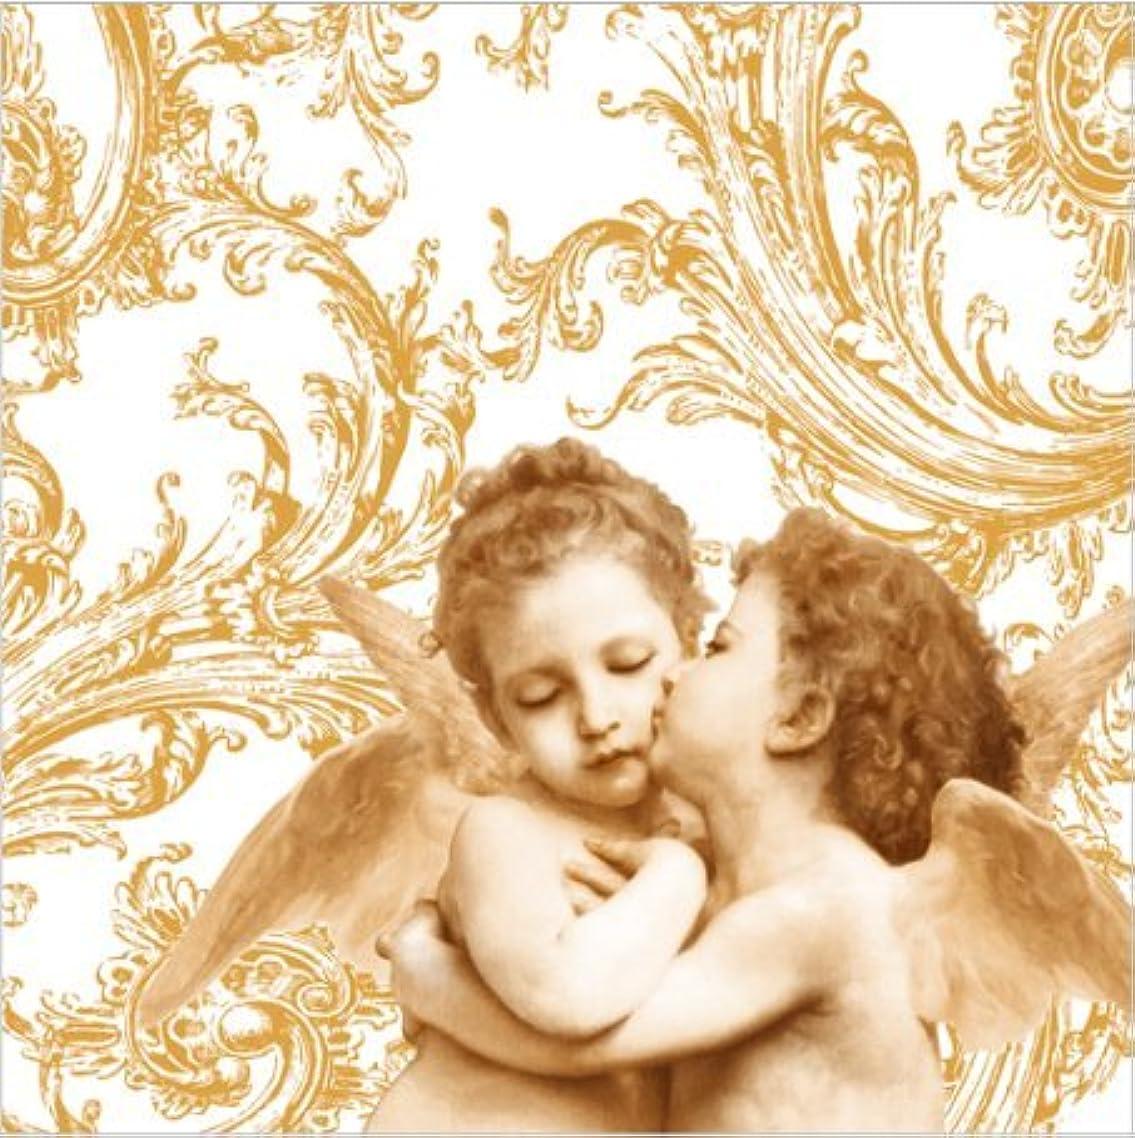 シルク趣味債権者PAW ポーランド製 ペーパーナプキン 天使